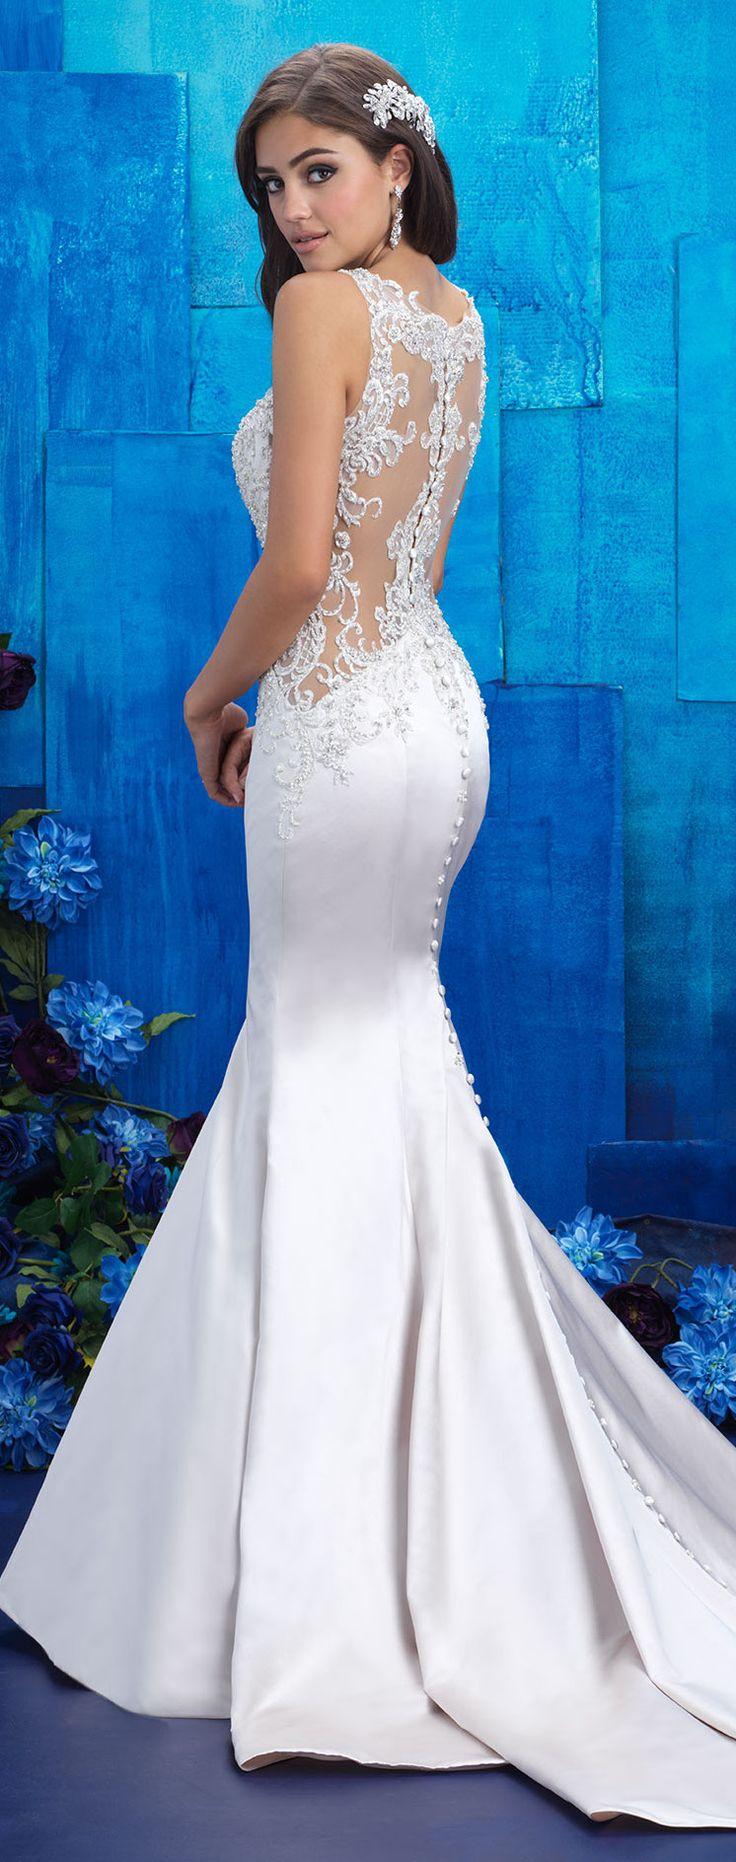 Sexy Wedding Dress by Allure Bridals 2017 Collection   @allurebridals